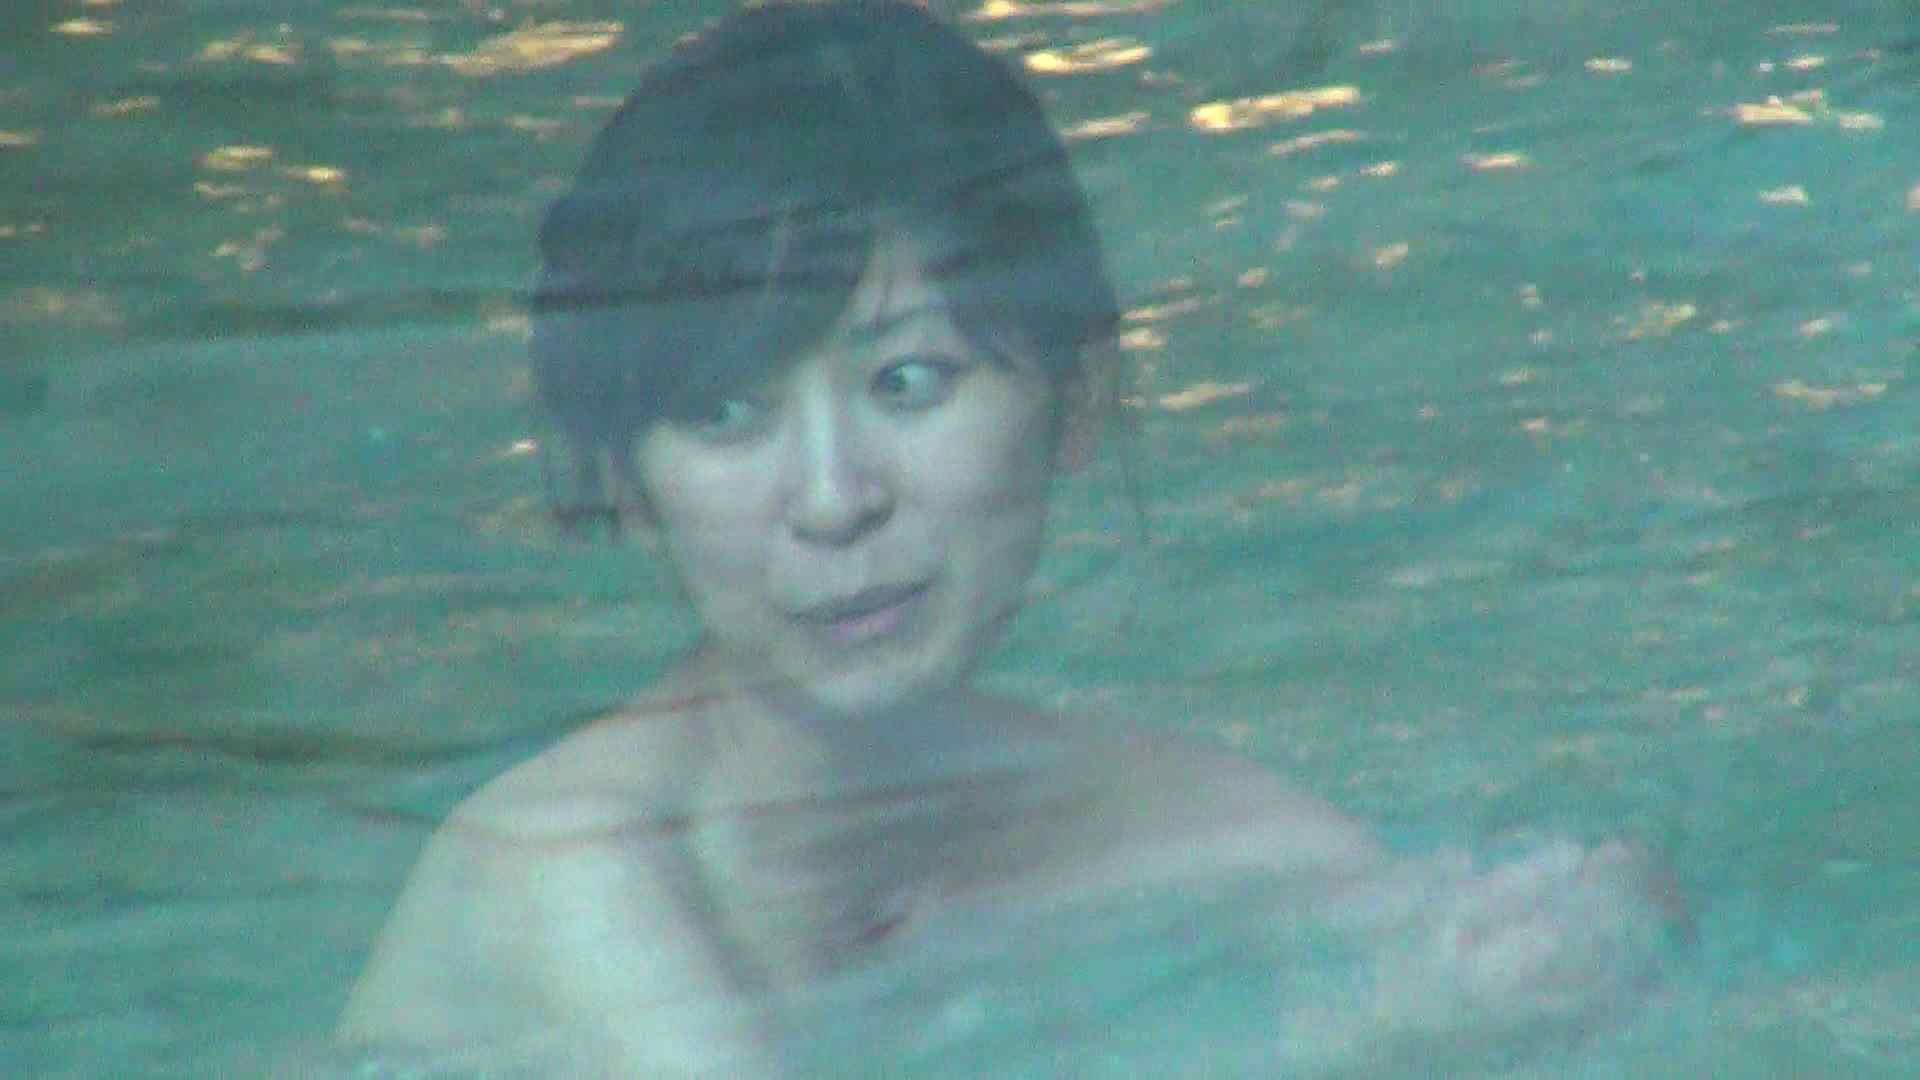 Aquaな露天風呂Vol.294 盗撮 性交動画流出 84枚 65